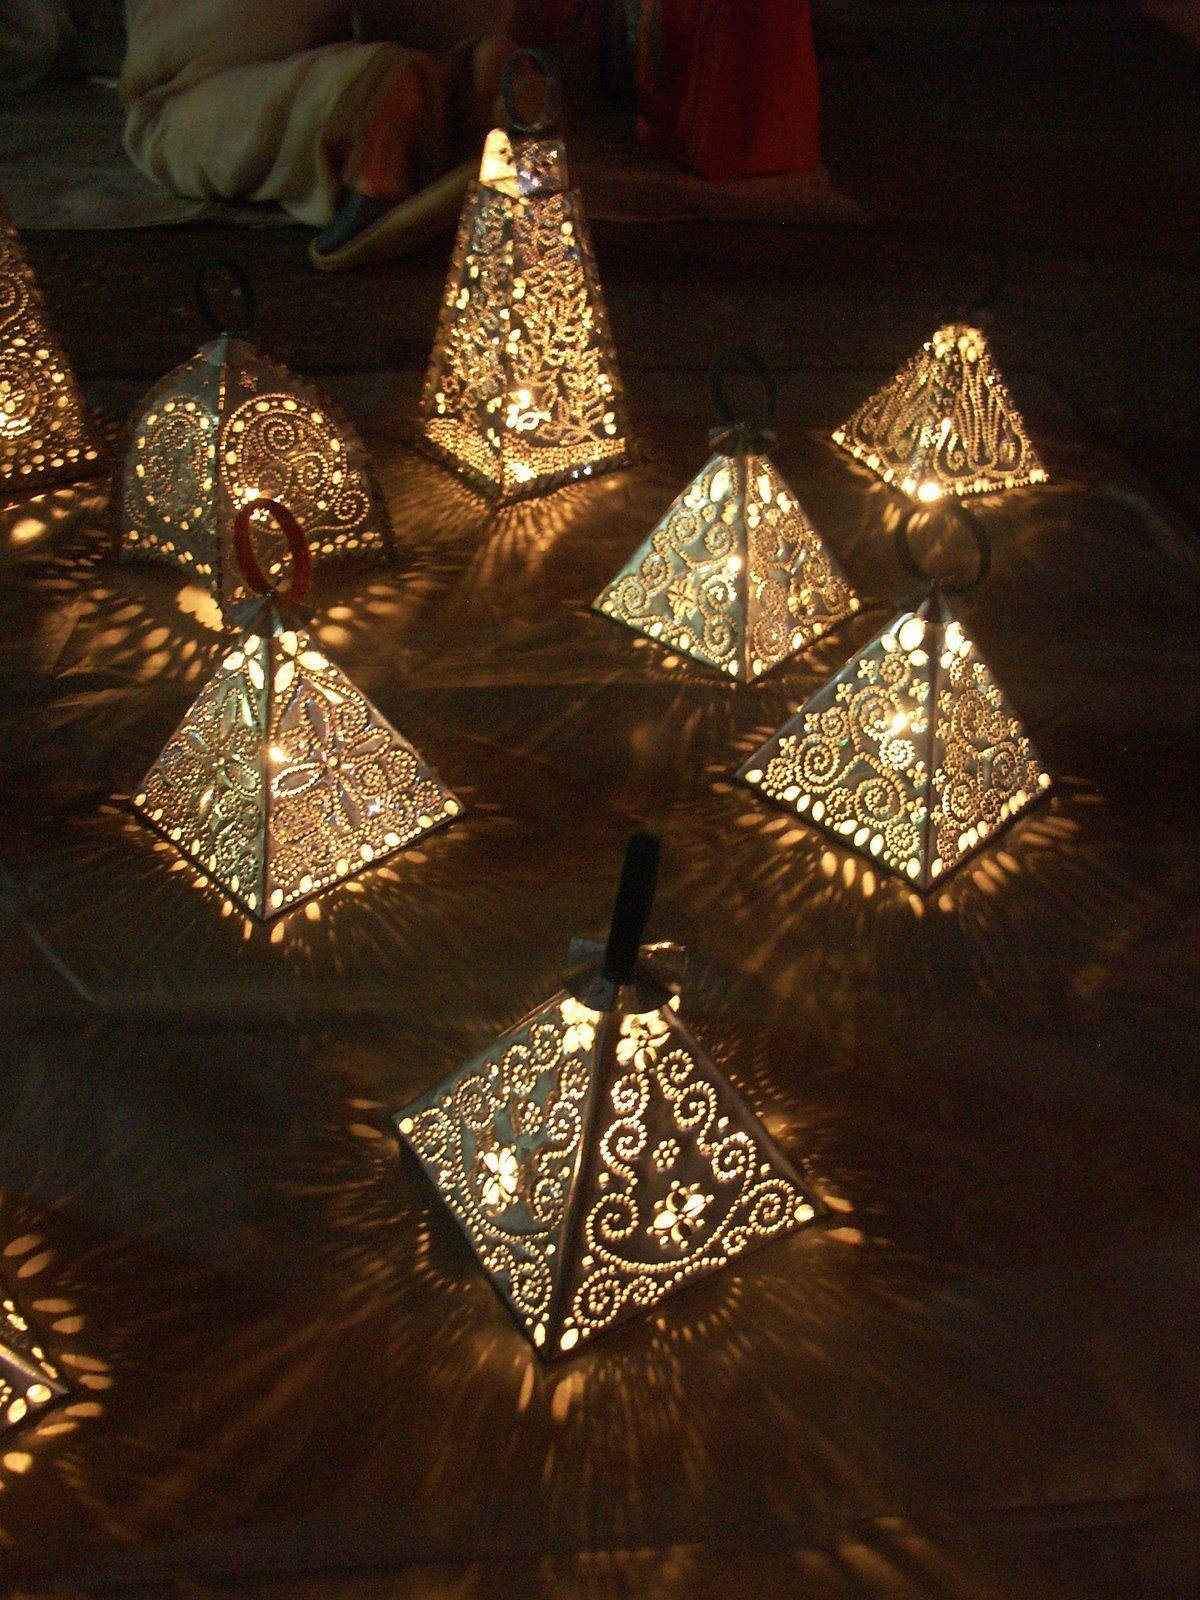 More Moroccan Style Lanterns Delicious Light Texture Decoraci 243 N Turca Linternas Marroqu 237 Es